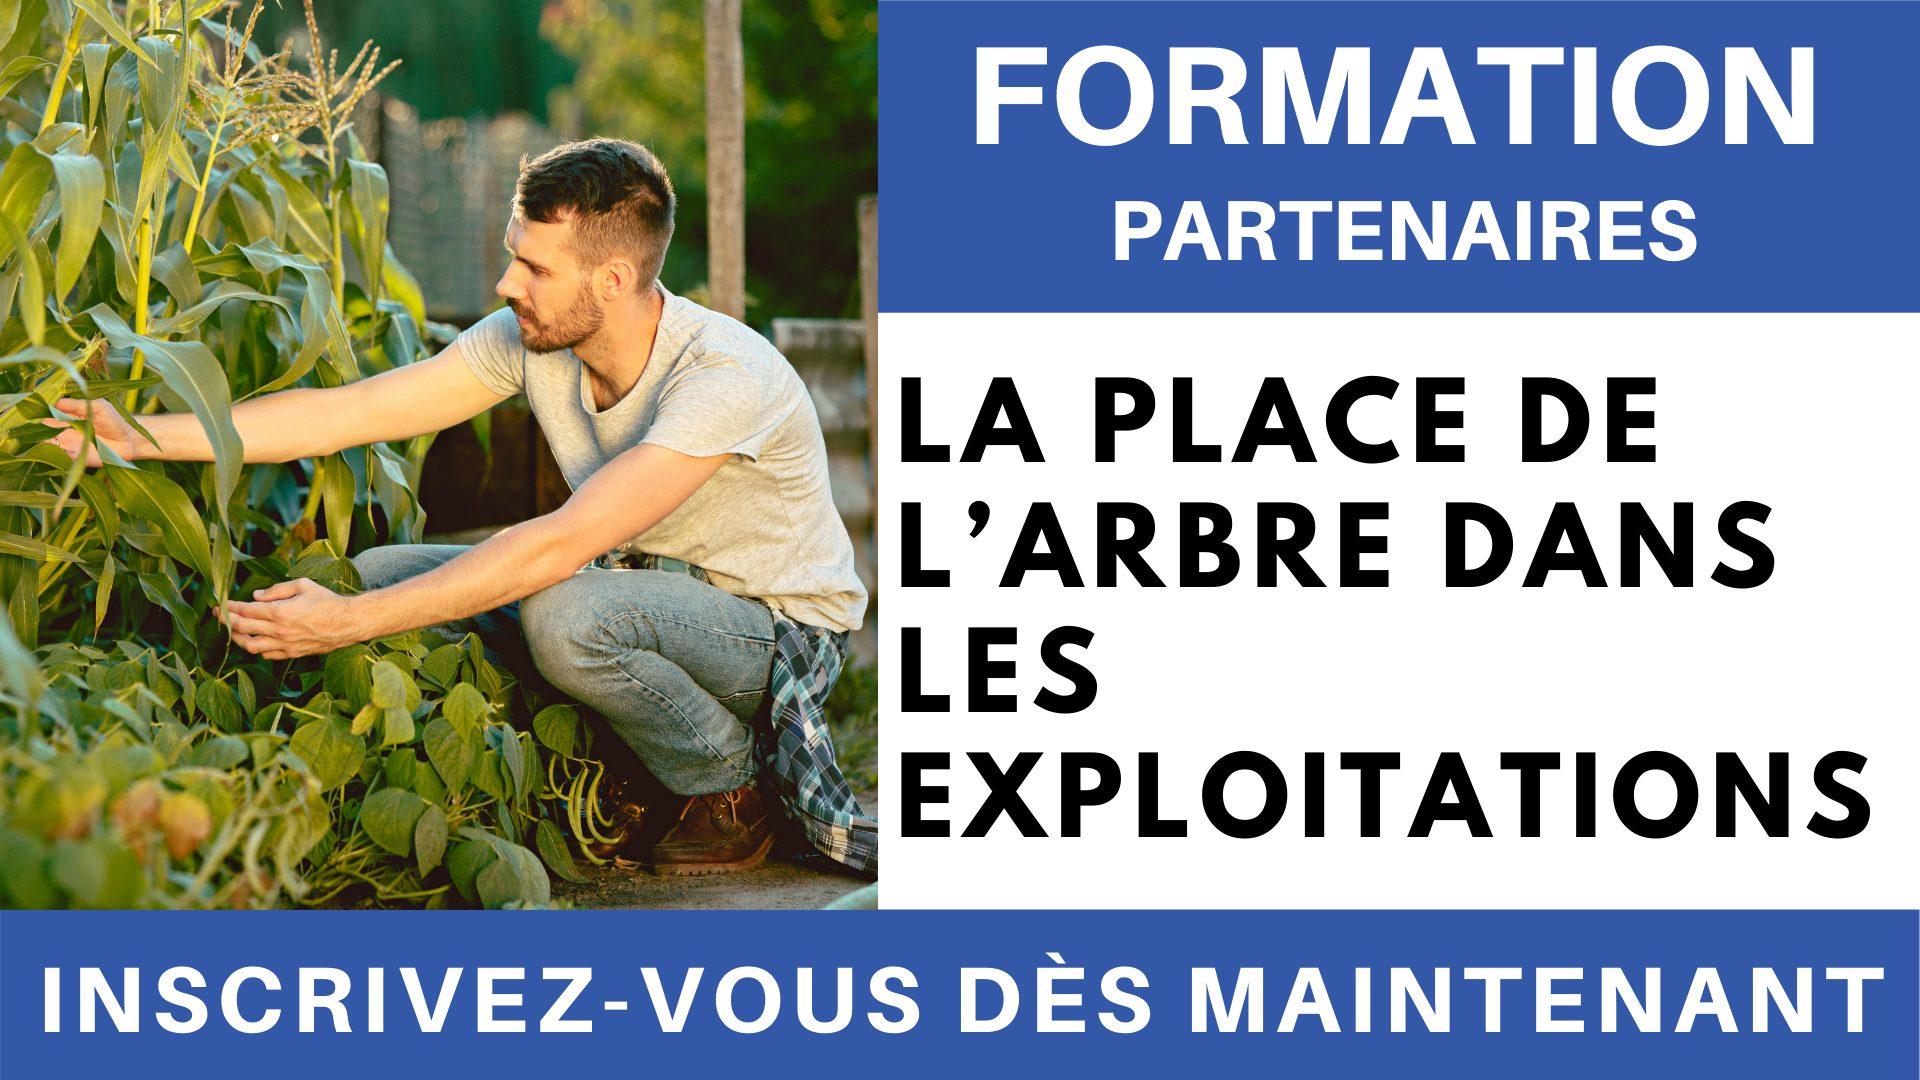 Formation PARTENAIRES - La place de l'arbre dans les exploitations